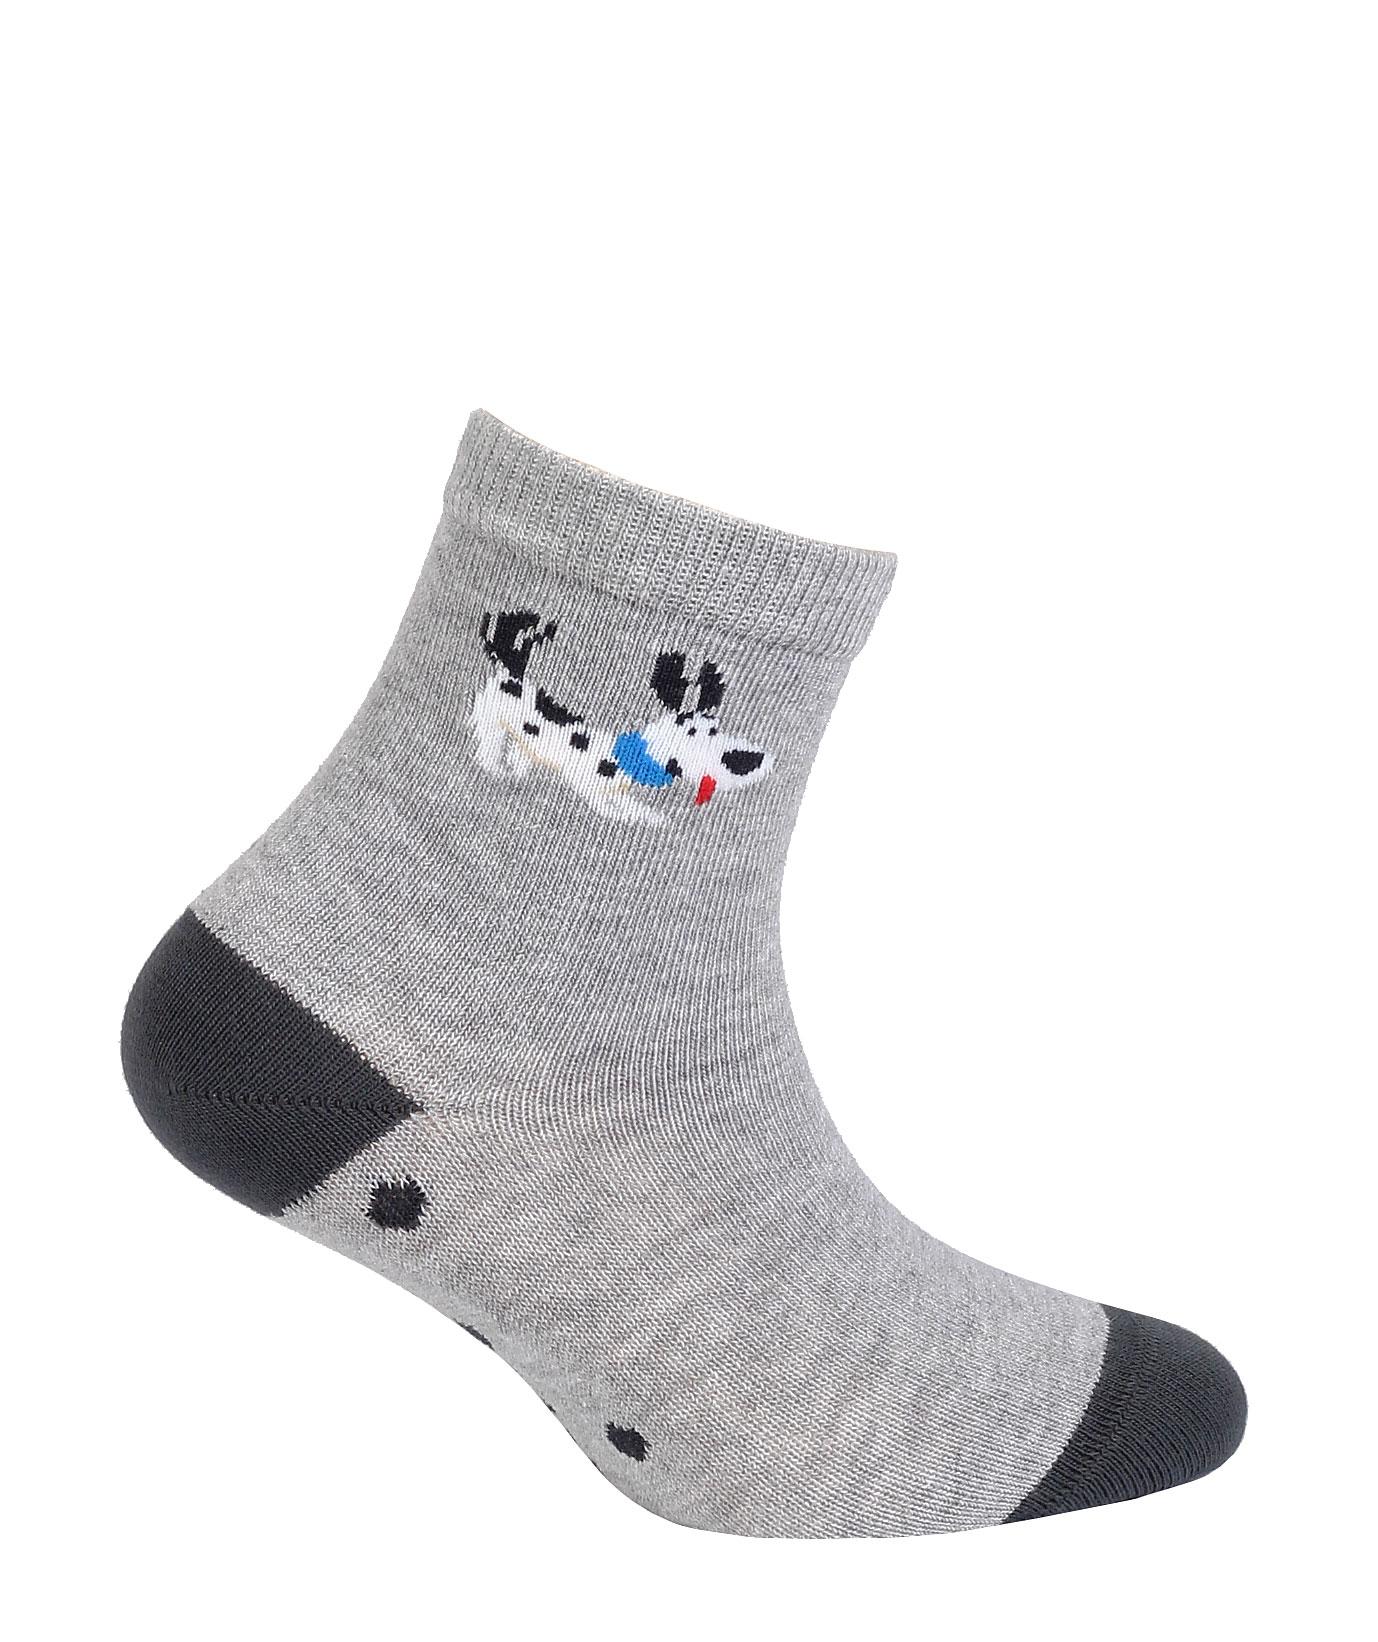 dětské ponožky vzor GATTA PEJSEK šedé 24-26